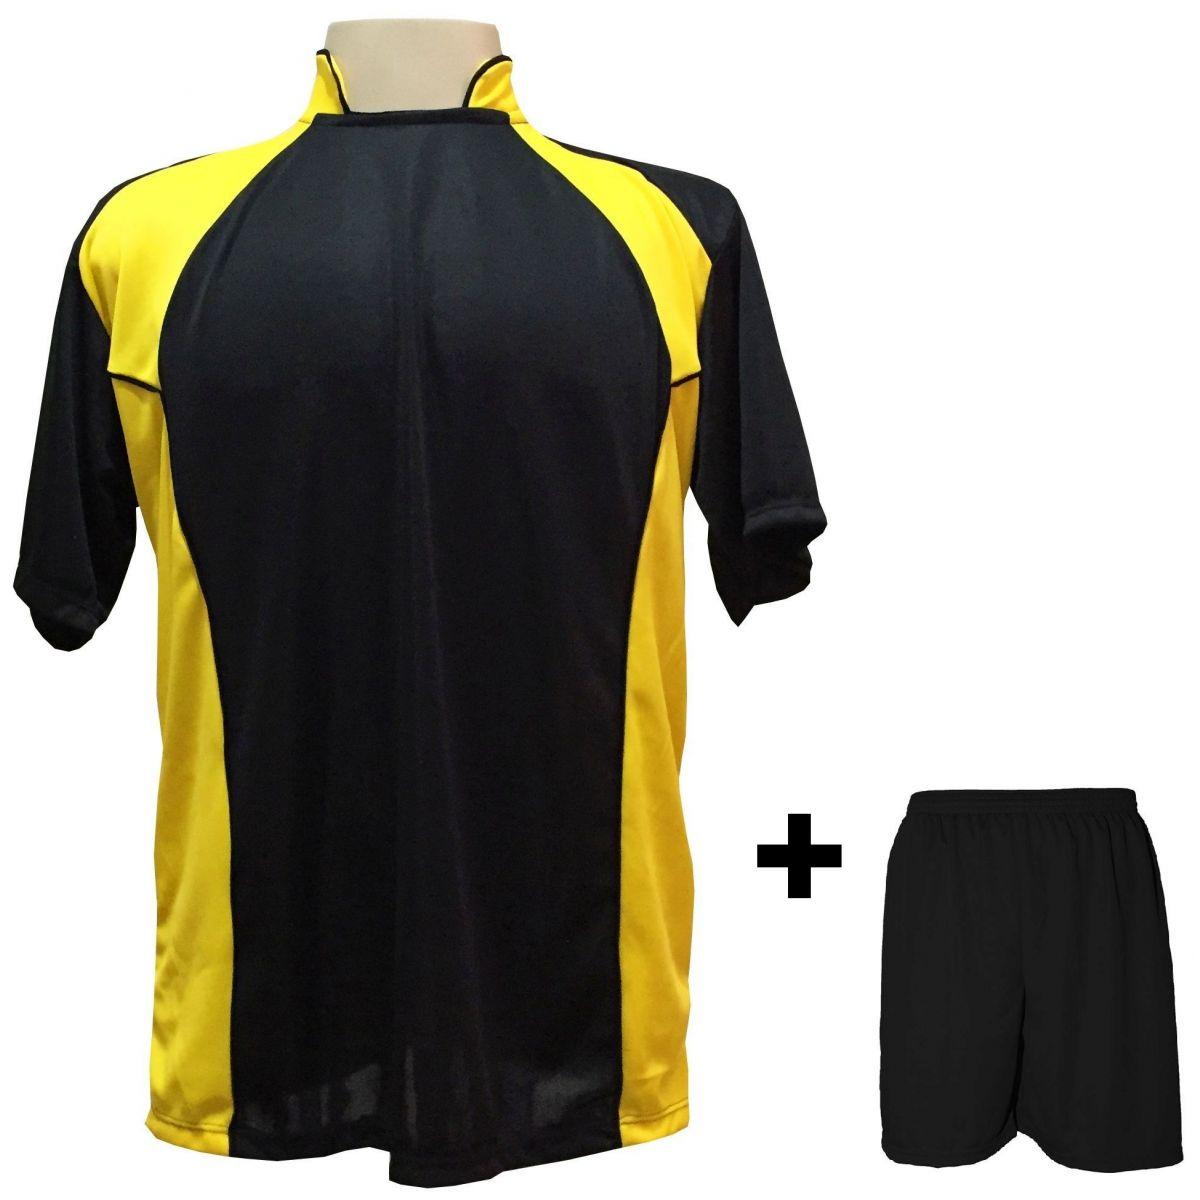 ab6b5d1b61 Jogo de Camisas de futebol